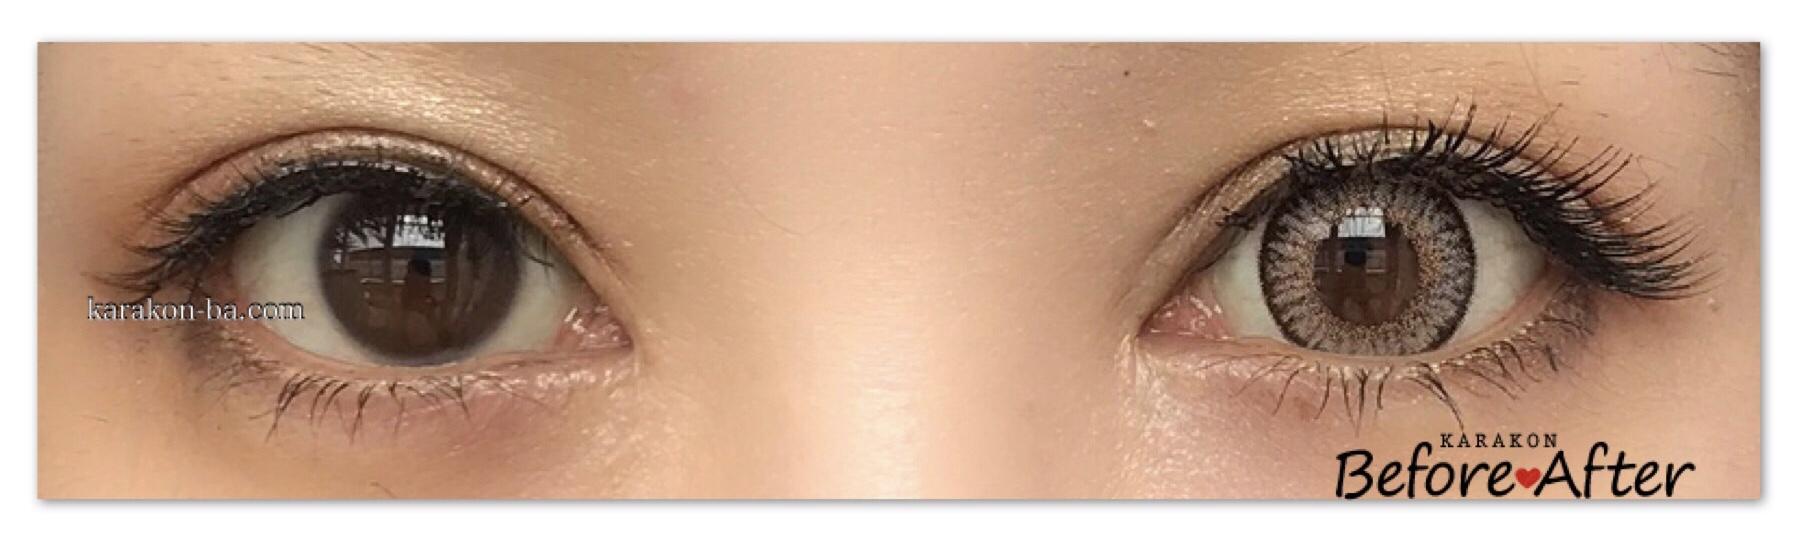 loveil(ラヴェール)キャラメルグローのカラコン装着画像/両目で比較レポ